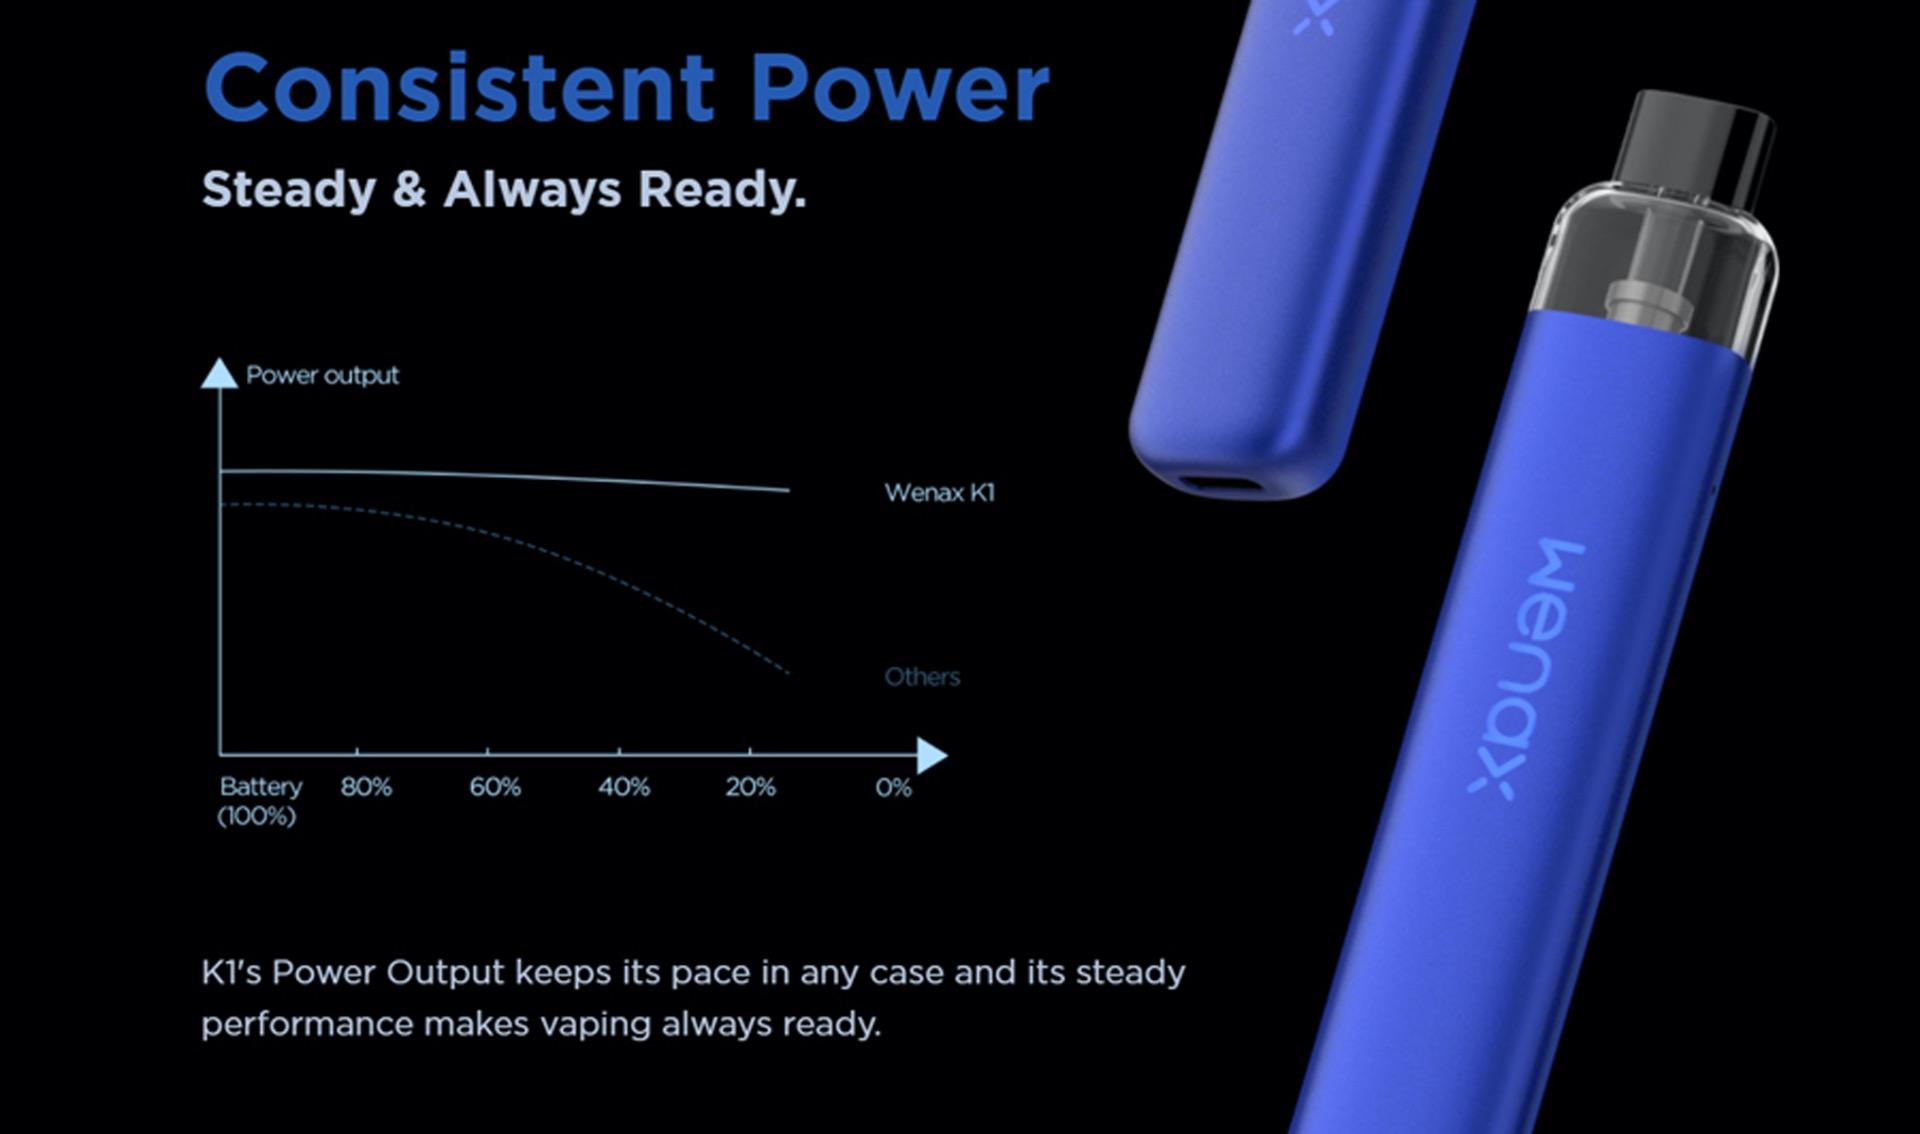 wenax power output